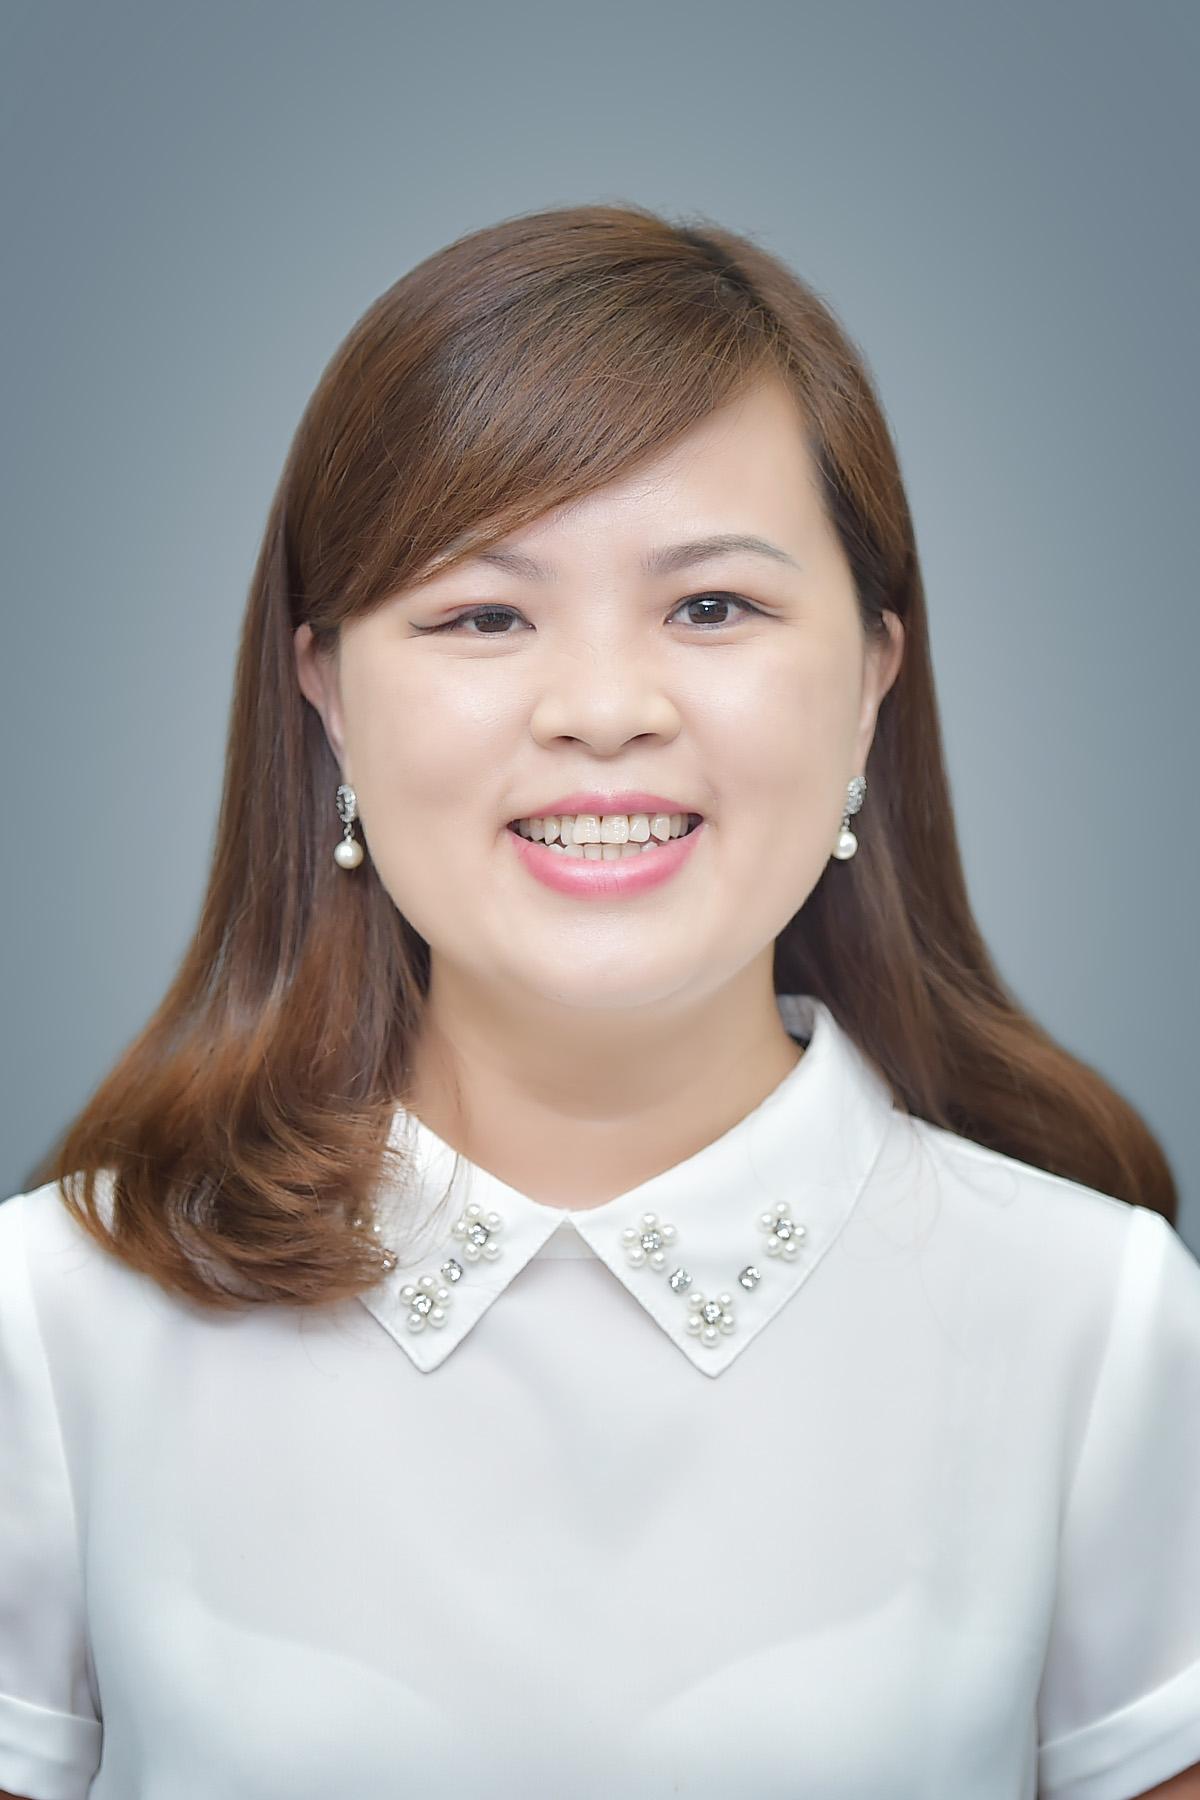 Ms Thi Hanh Nguyen